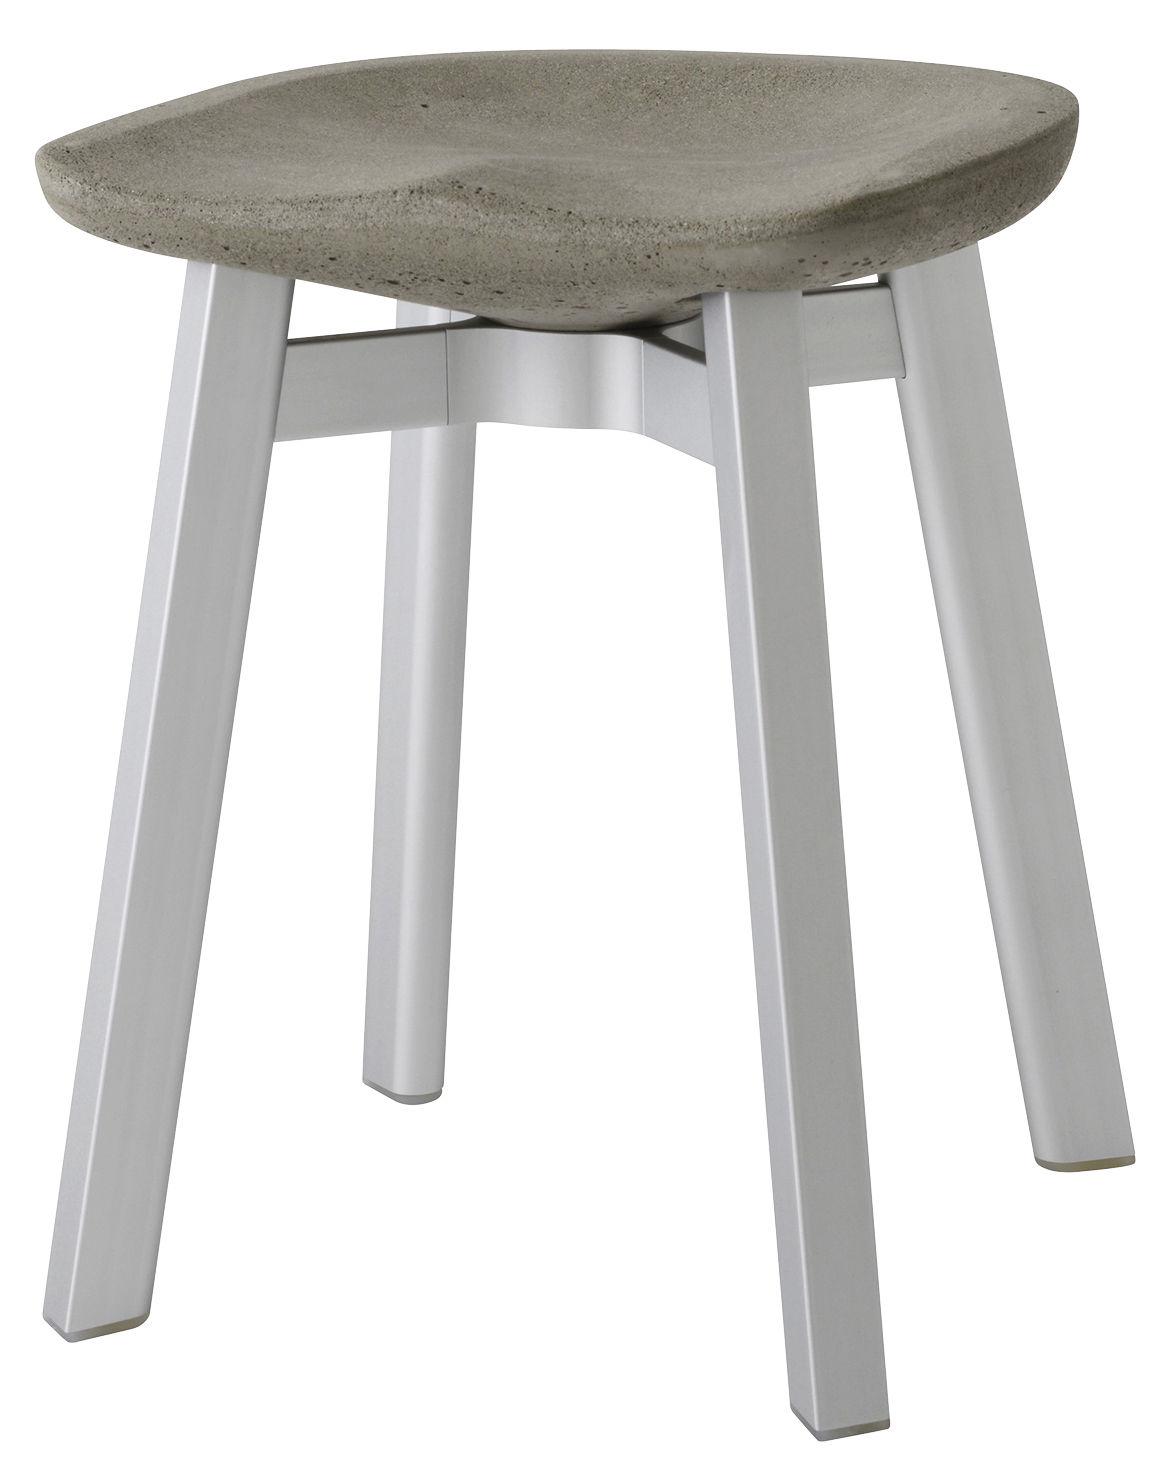 Arredamento - Sgabelli - Sgabello Su - / H 47 cm - ecocemento di Emeco - Ecocemento grigio / Gambe alluminio - Aluminium recyclé, Béton écologique